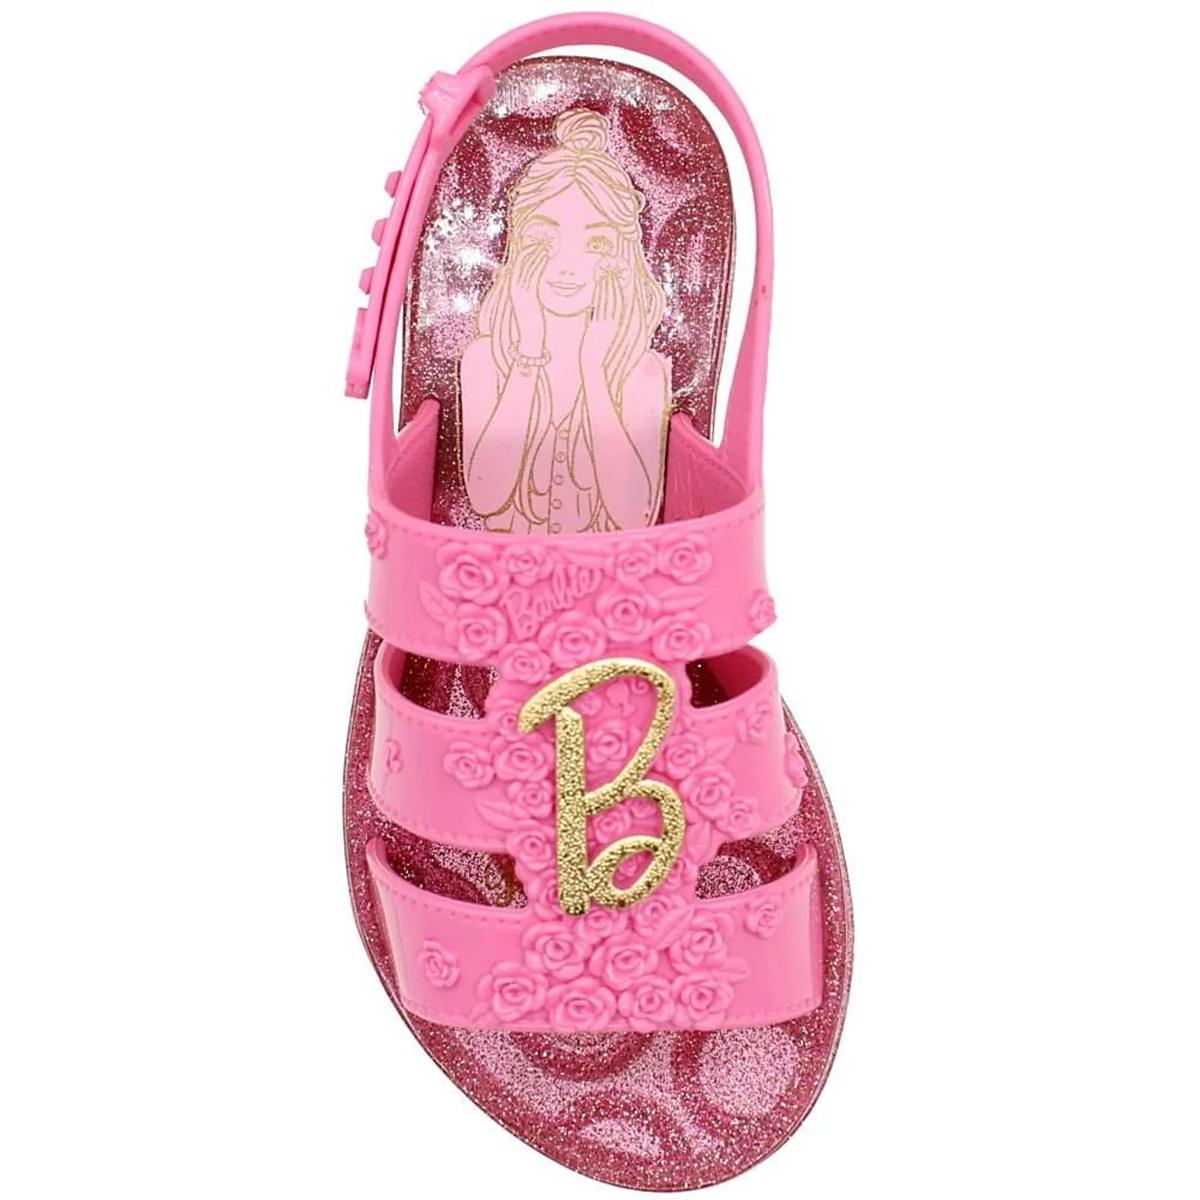 Sandalia Grendene Feminina Barbie Spa